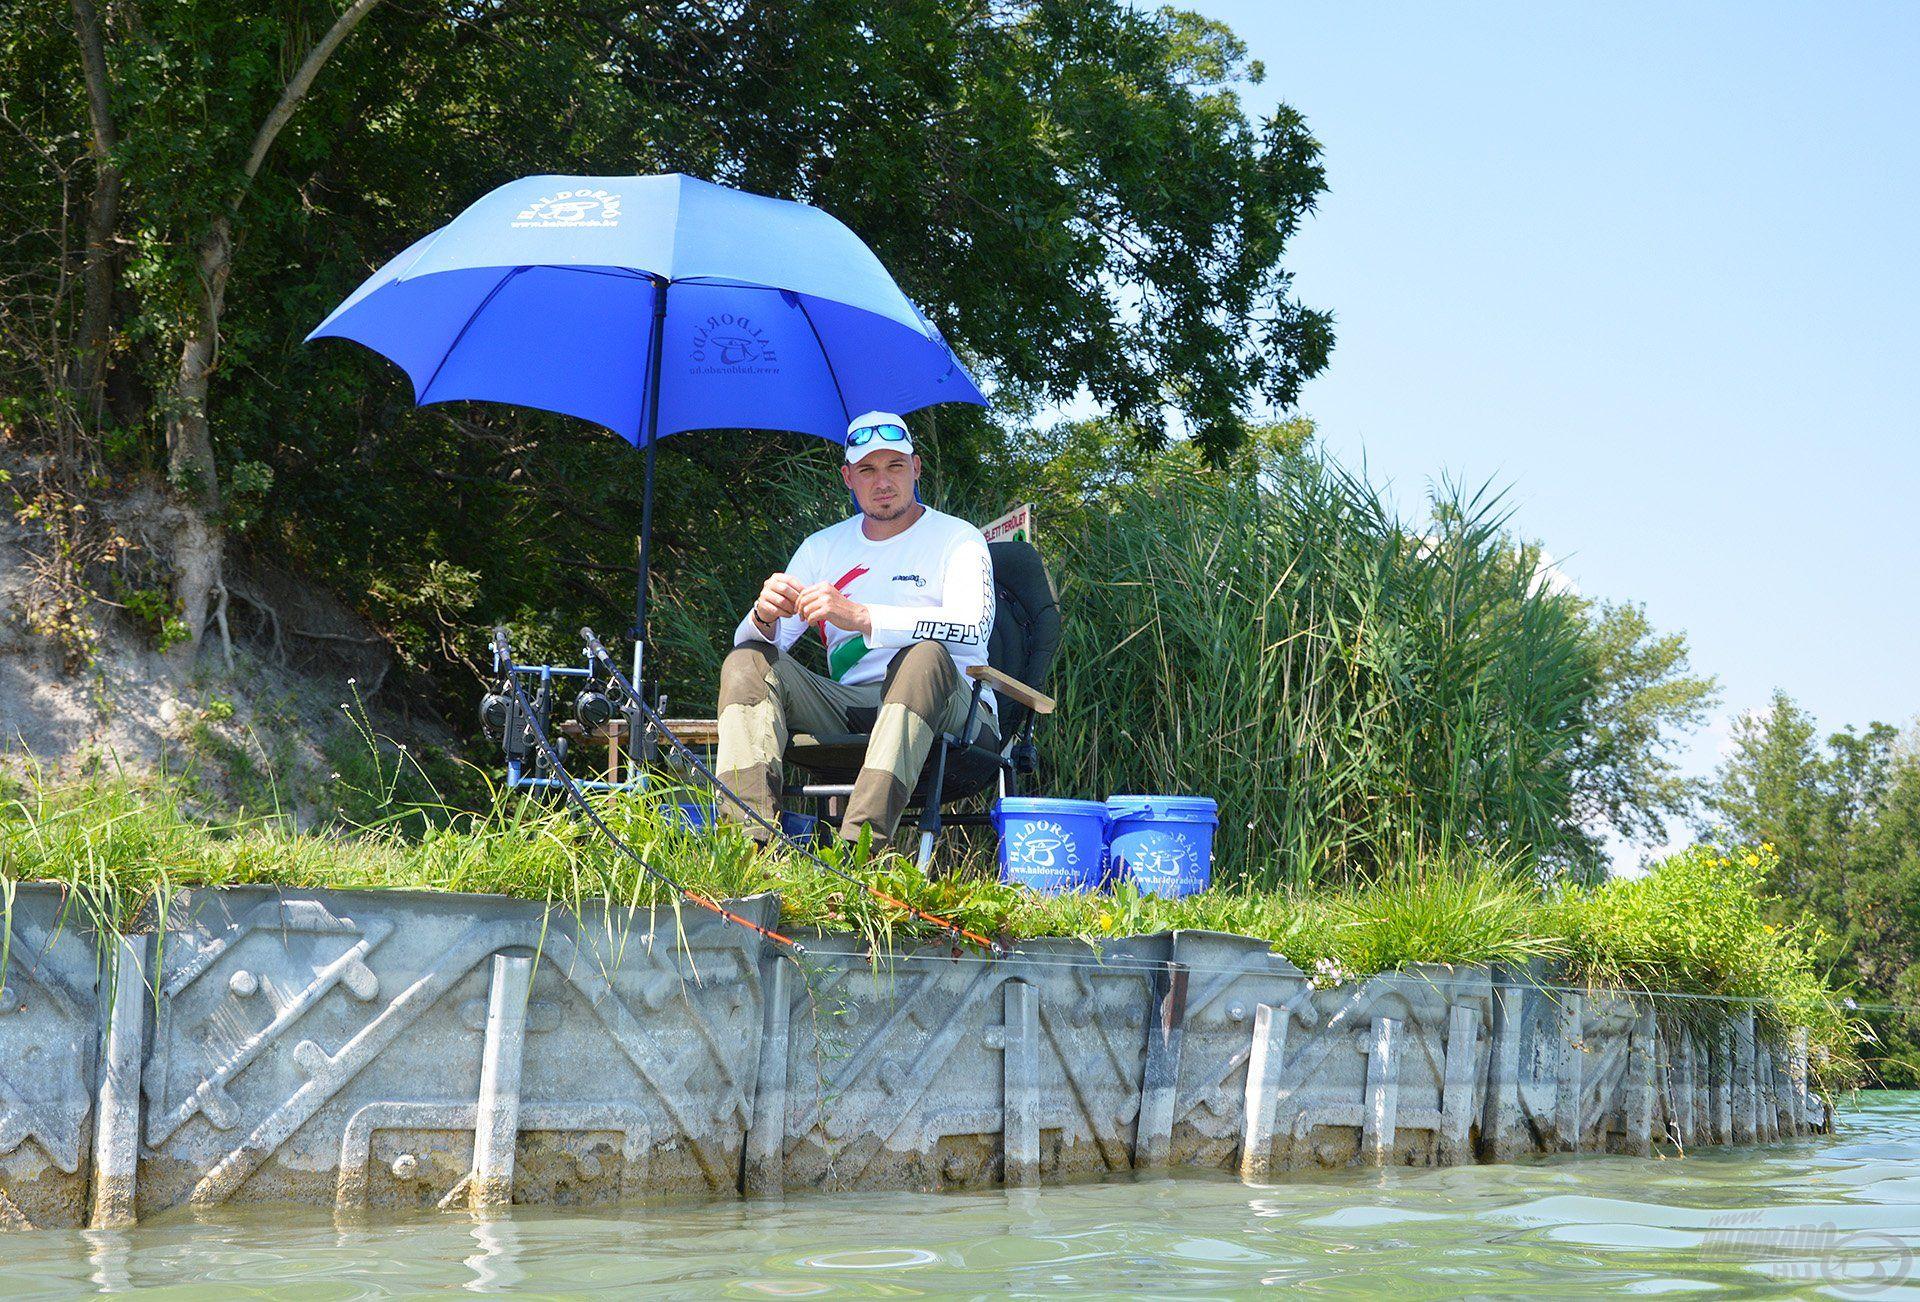 Végre, újra ezen a csodás vízen horgászhattam, imádom az ilyen nyári túrákat!